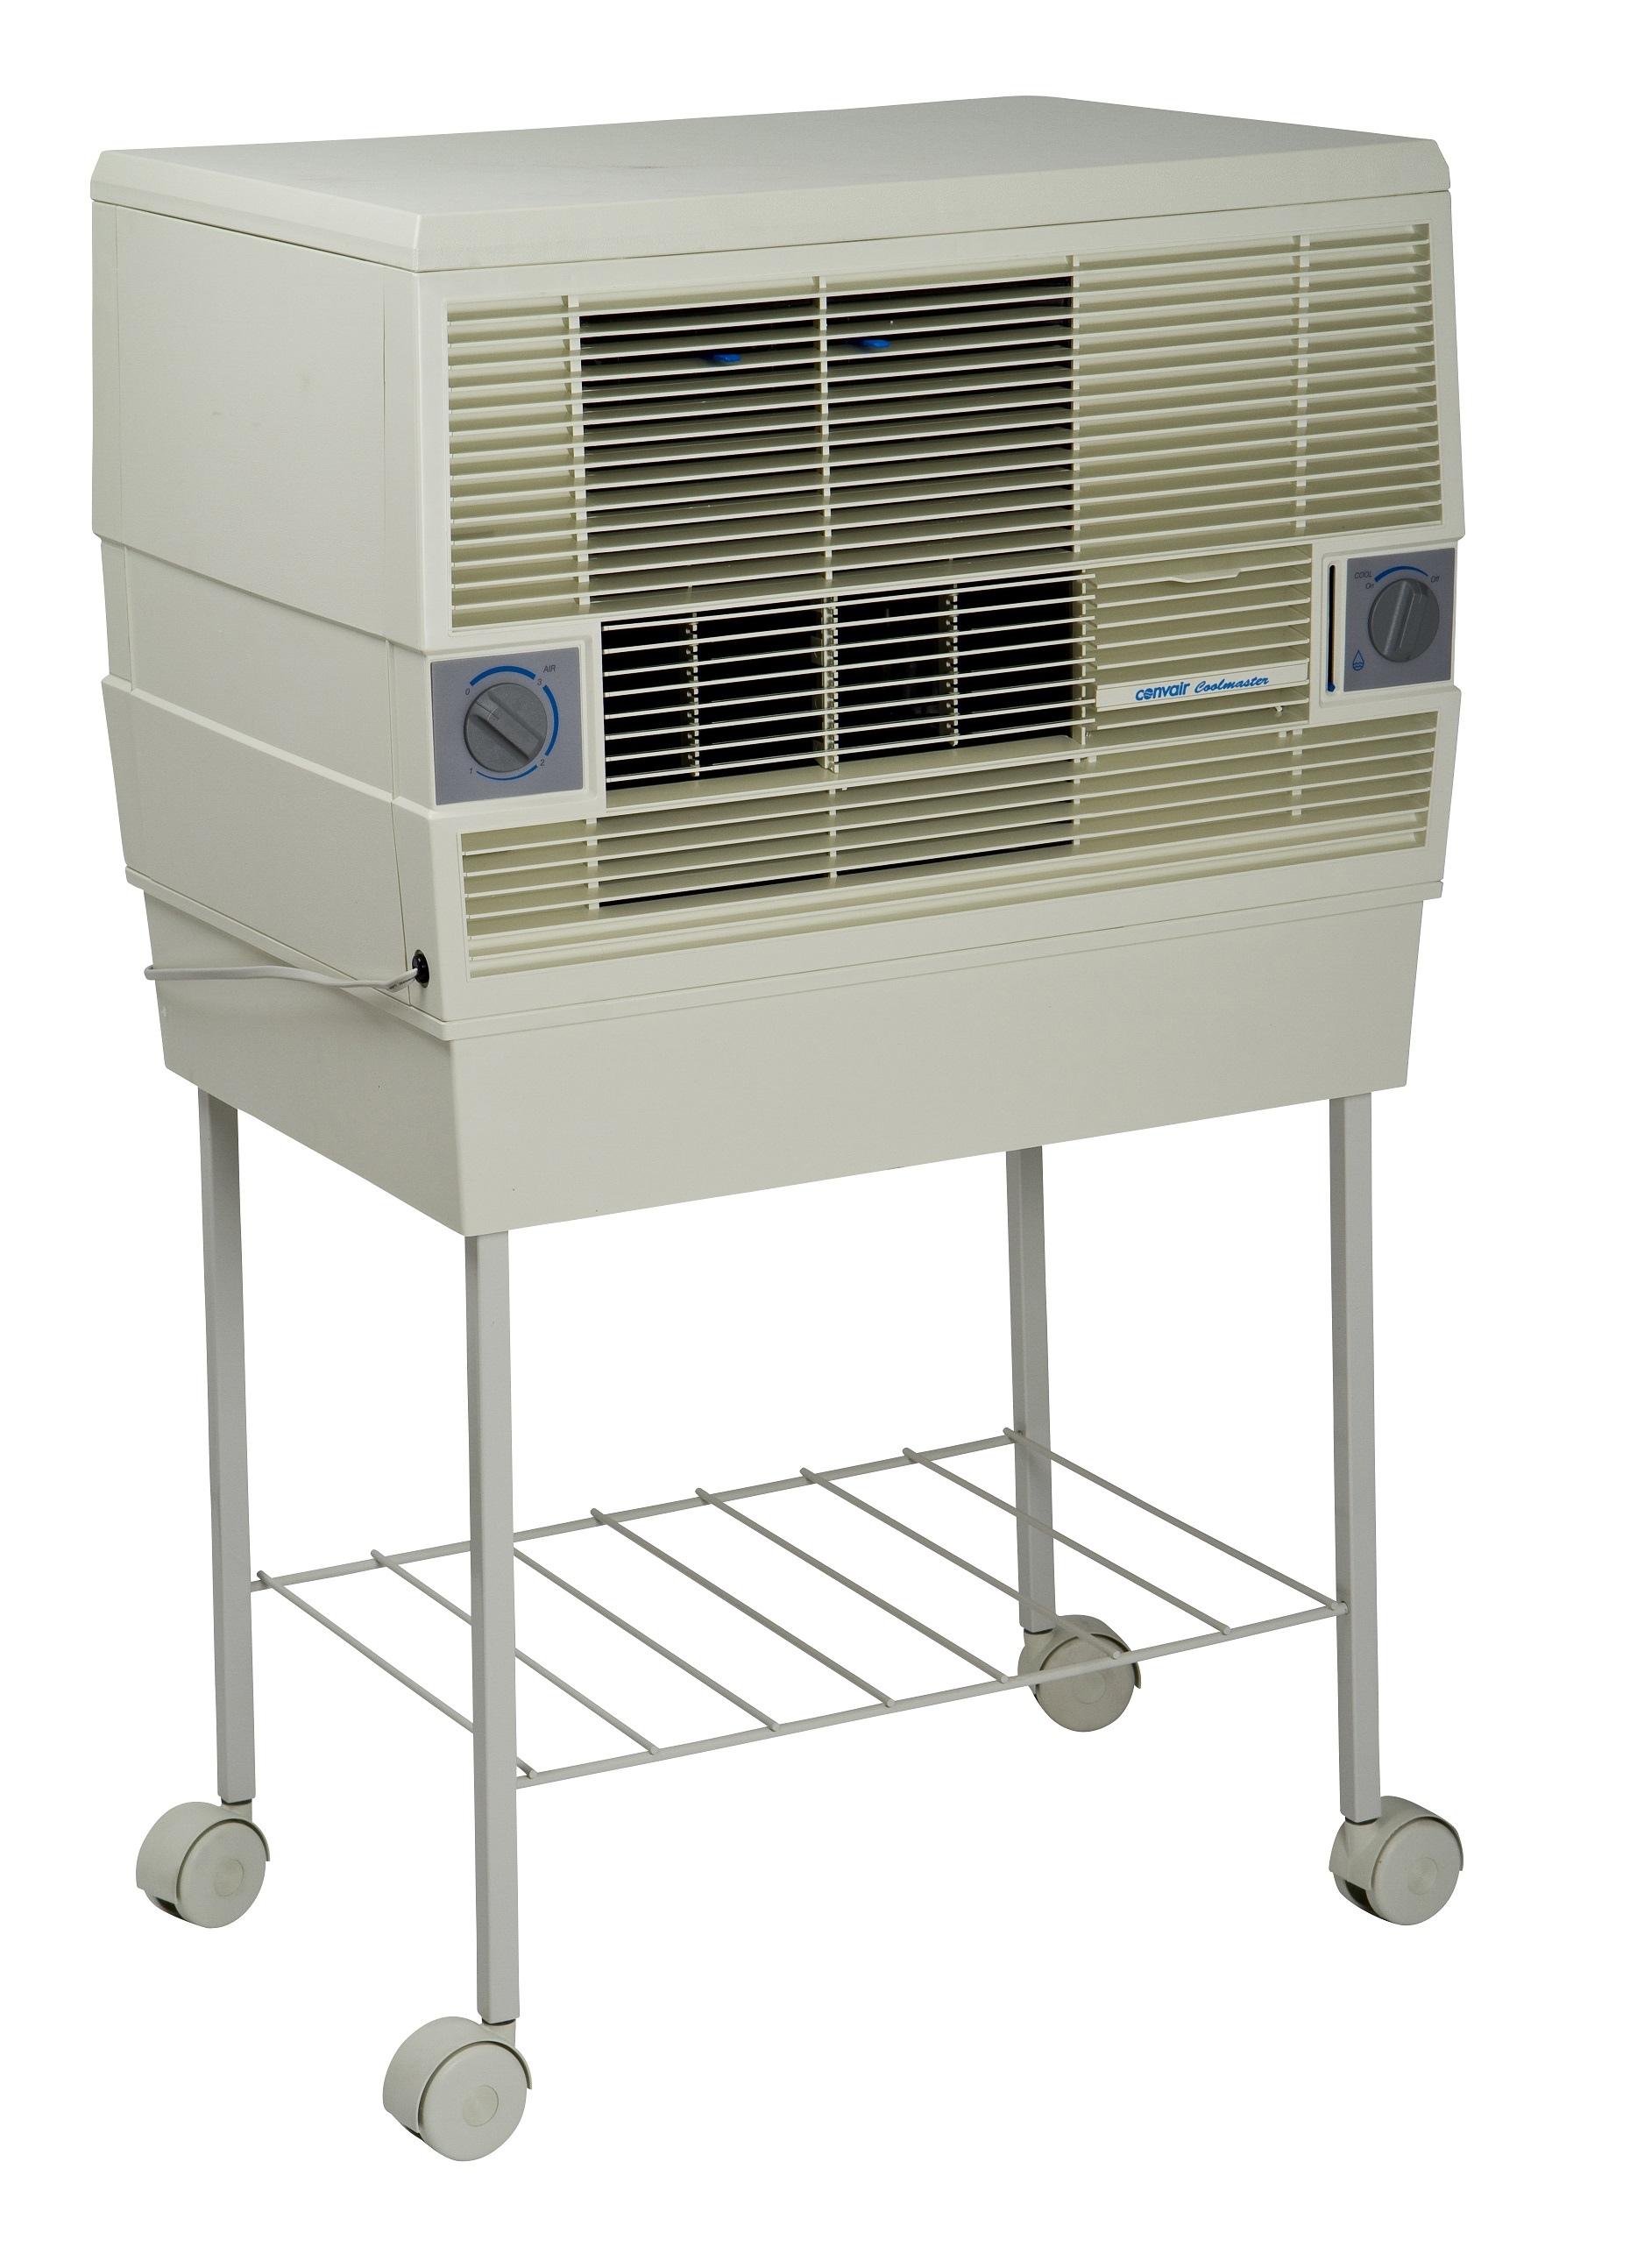 Convair Portable Evaporative Cooler Pictures